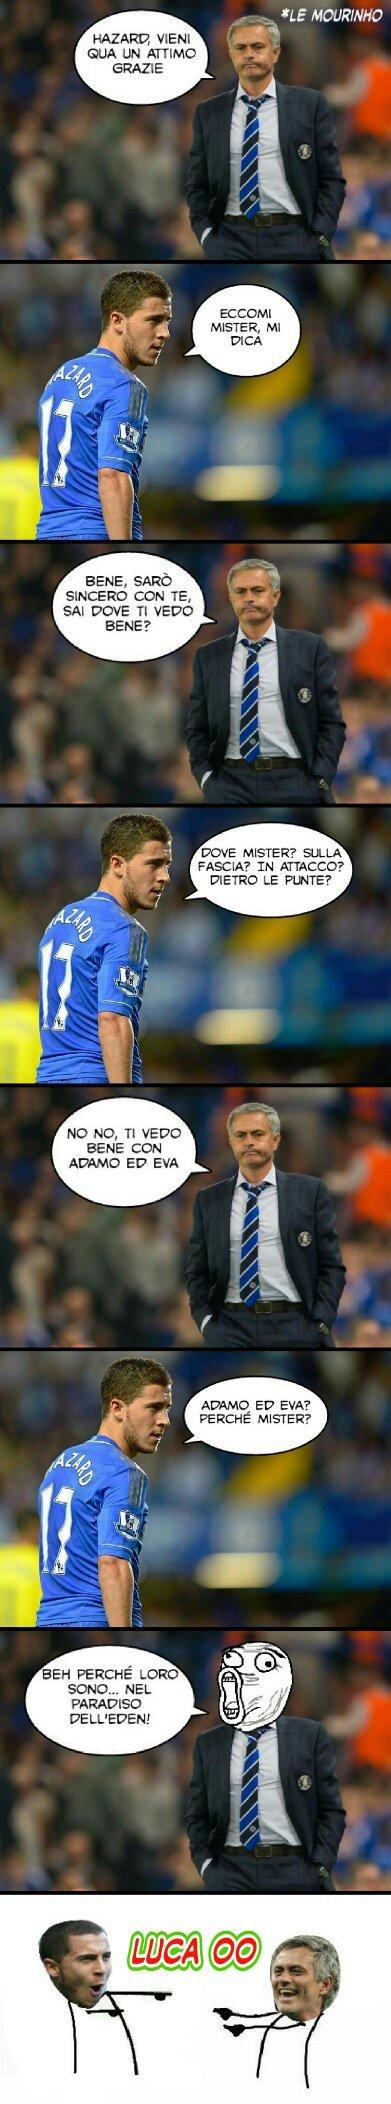 Spiegazione, il calciatore si chiama EDEN Hazard, EDEN è il suo nome, spero vi piaccia :) - meme